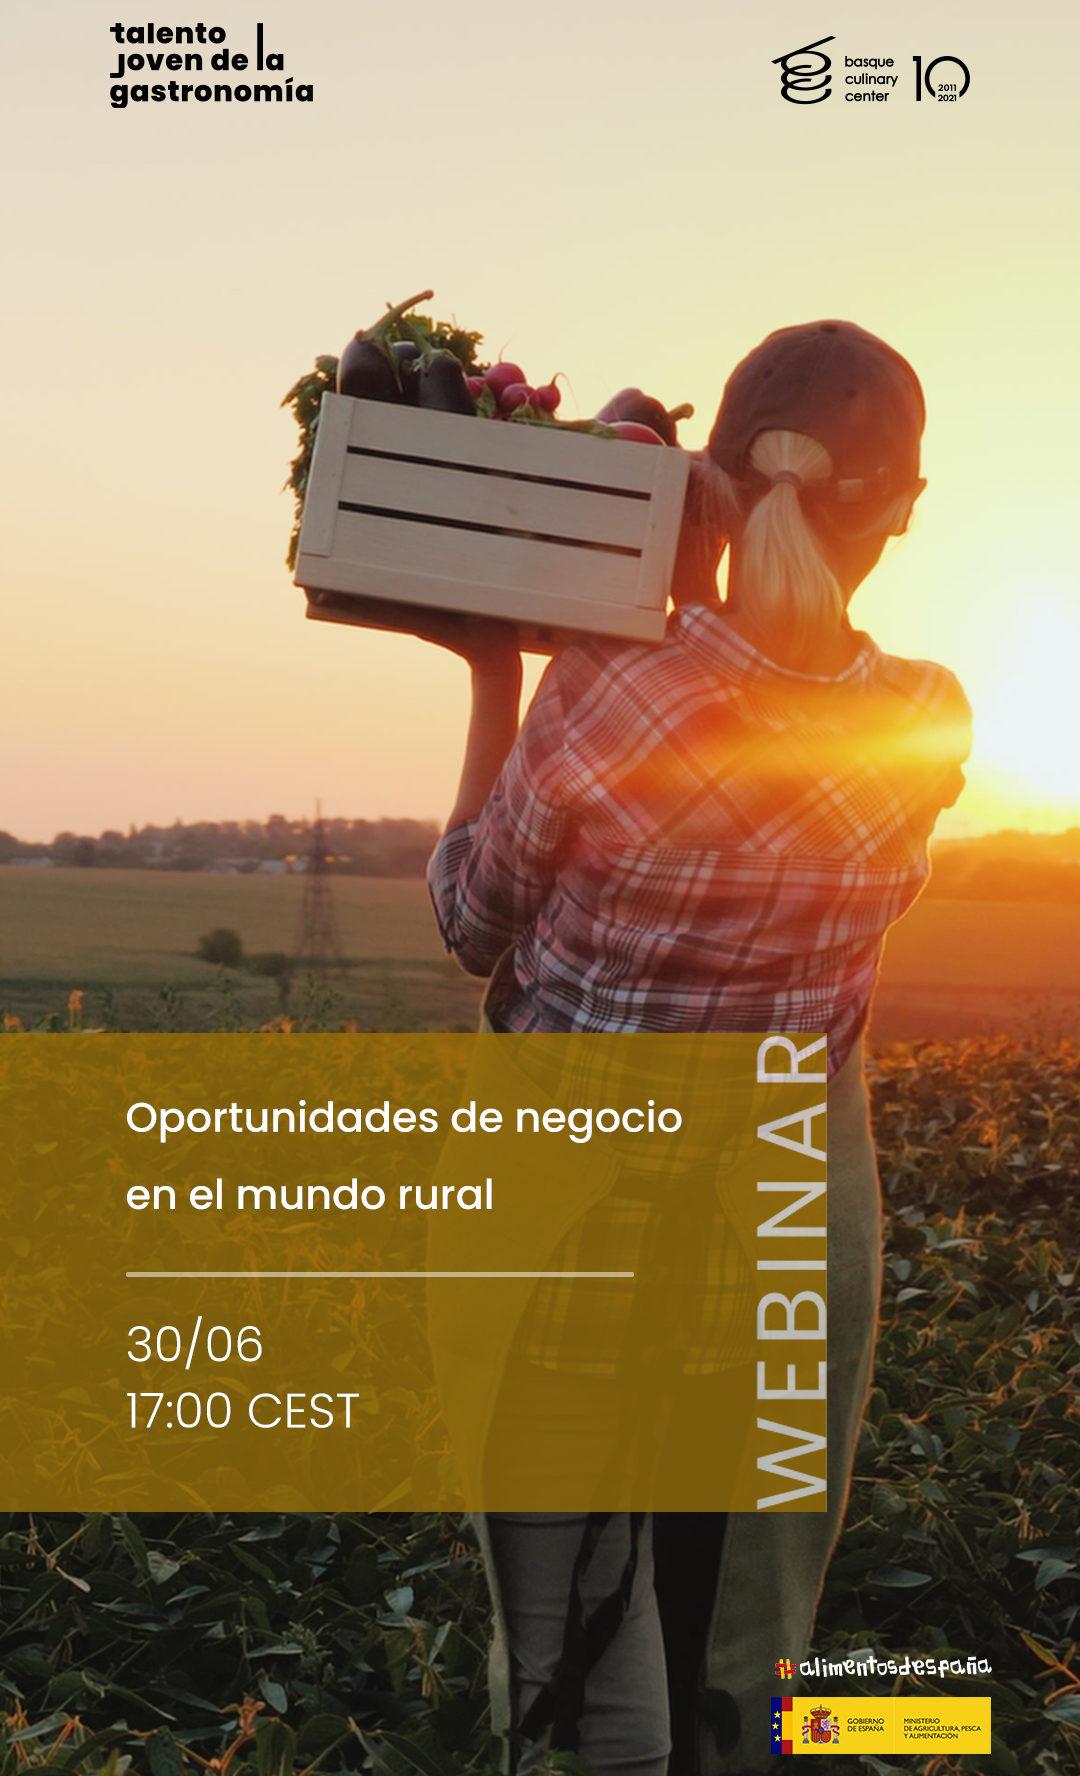 Oportunidades de negocio en el mundo rural